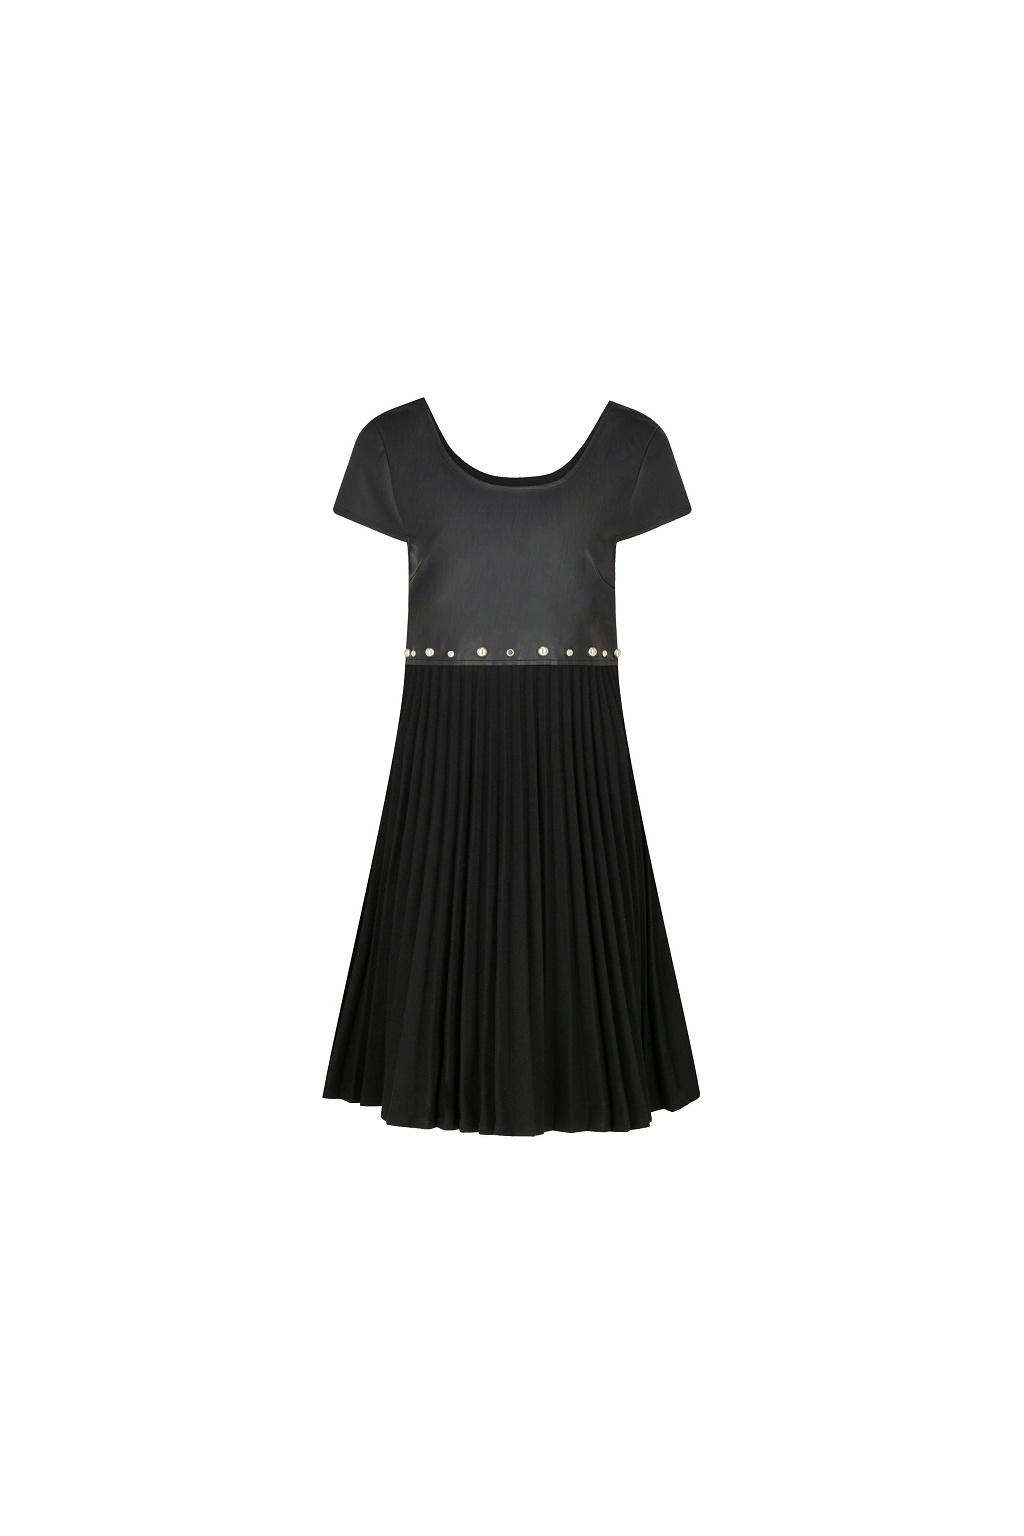 6GYA42 YNQQZ Dámské šaty Armani Exchange černé